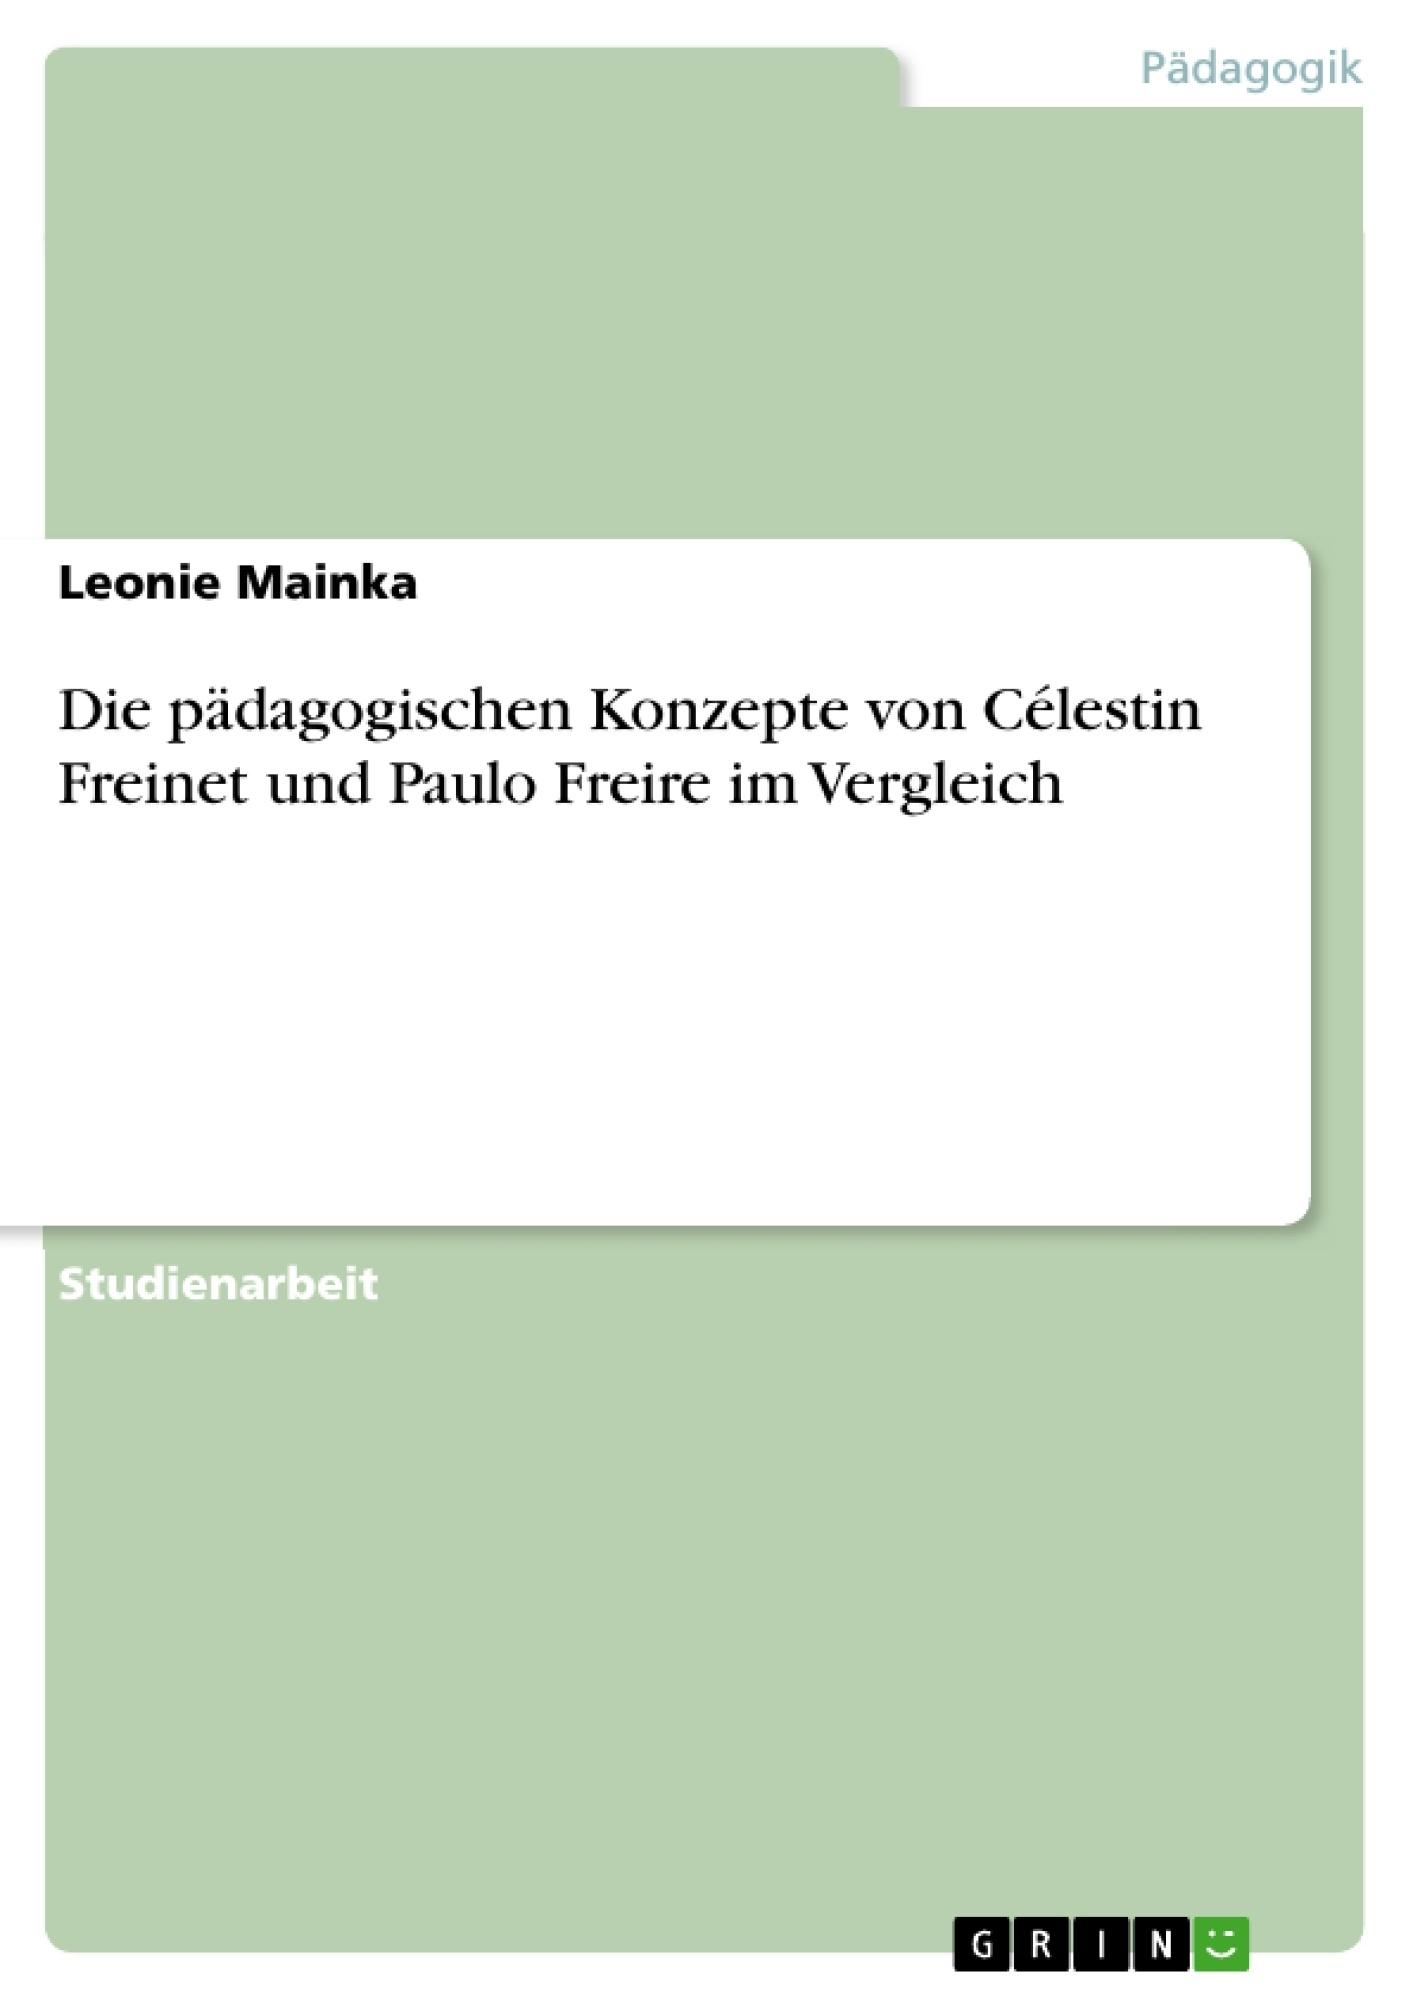 Titel: Die pädagogischen Konzepte von Célestin Freinet und Paulo Freire im Vergleich